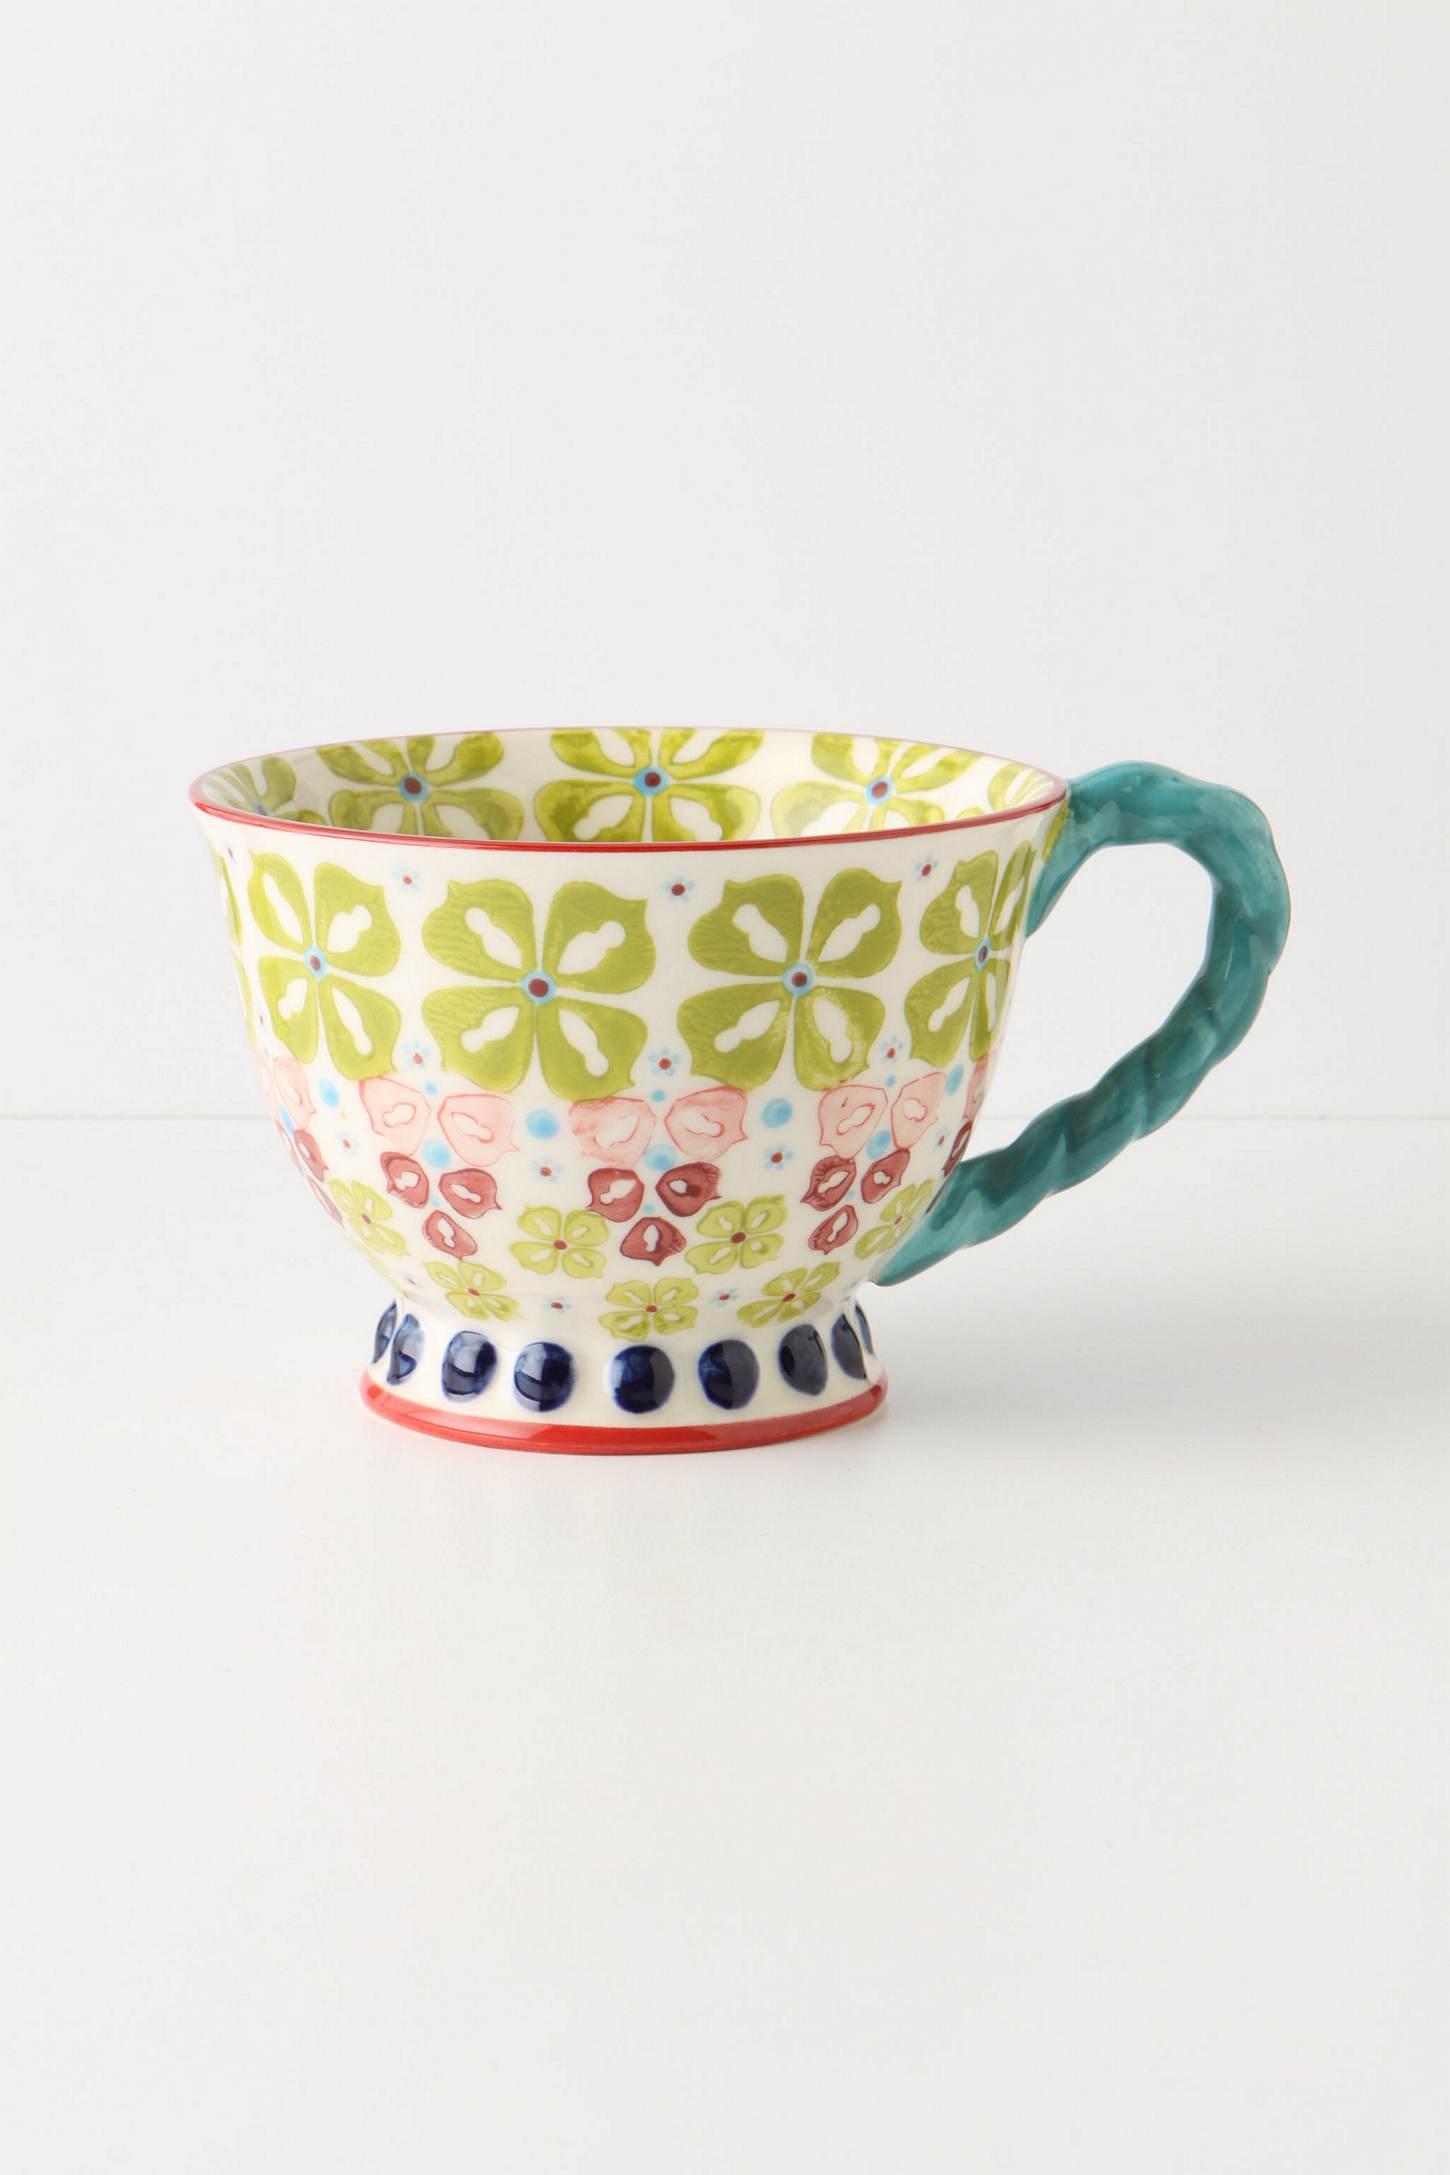 ☆ 大人気!☆Anthropologie(アンソロポロジー)のTwist Teacupマグカップ ライム